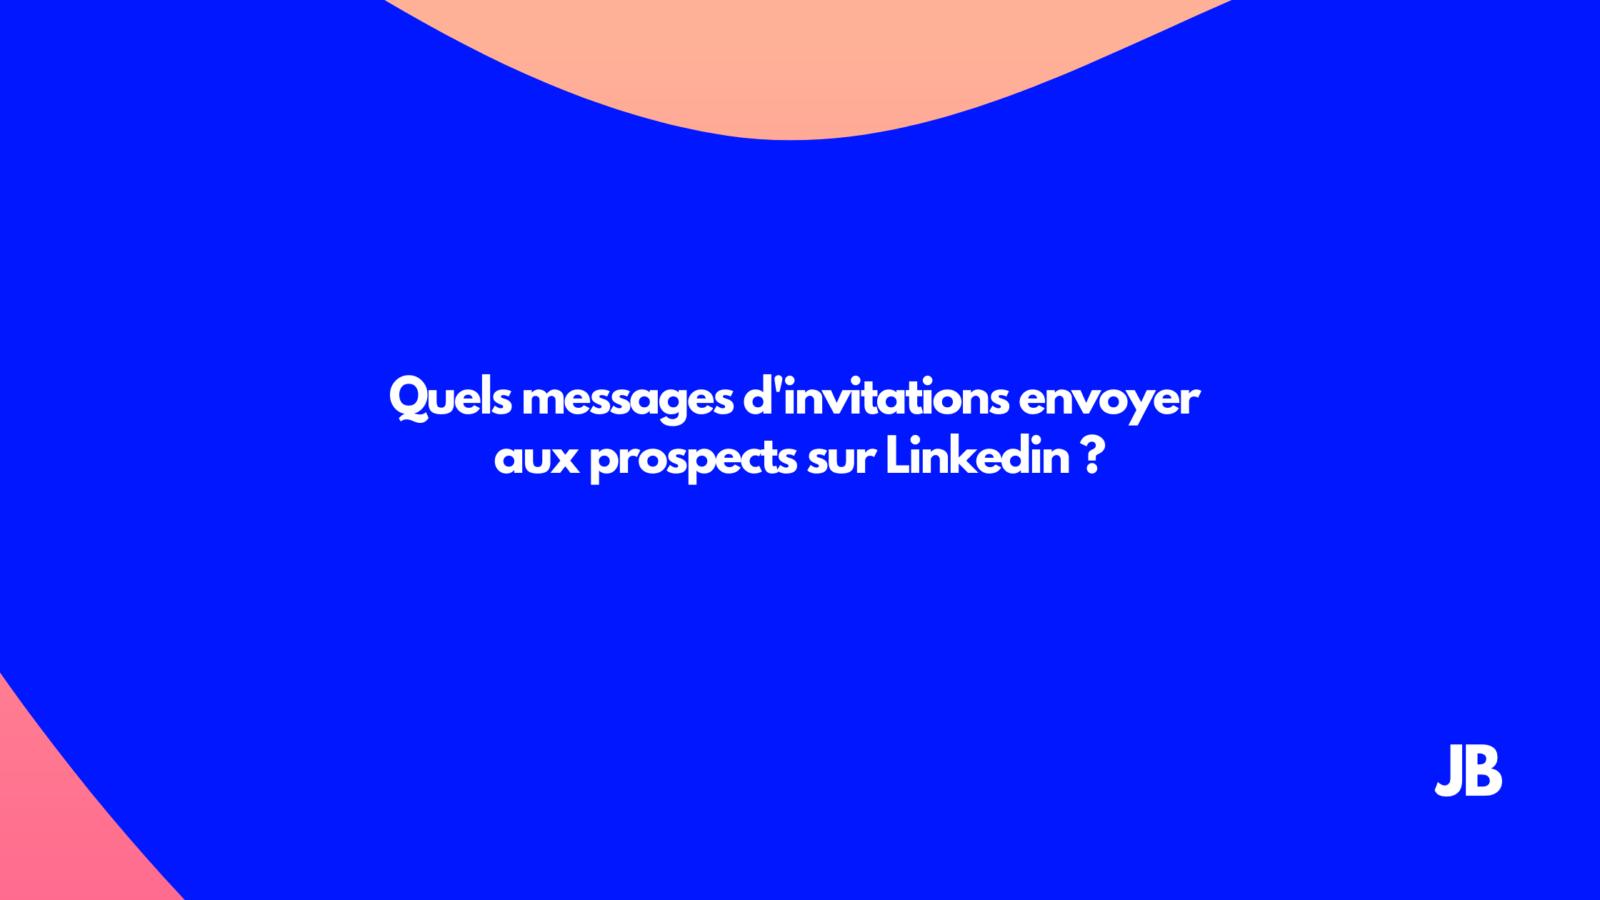 messages d'invitations envoyer aux prospects sur Linkedin